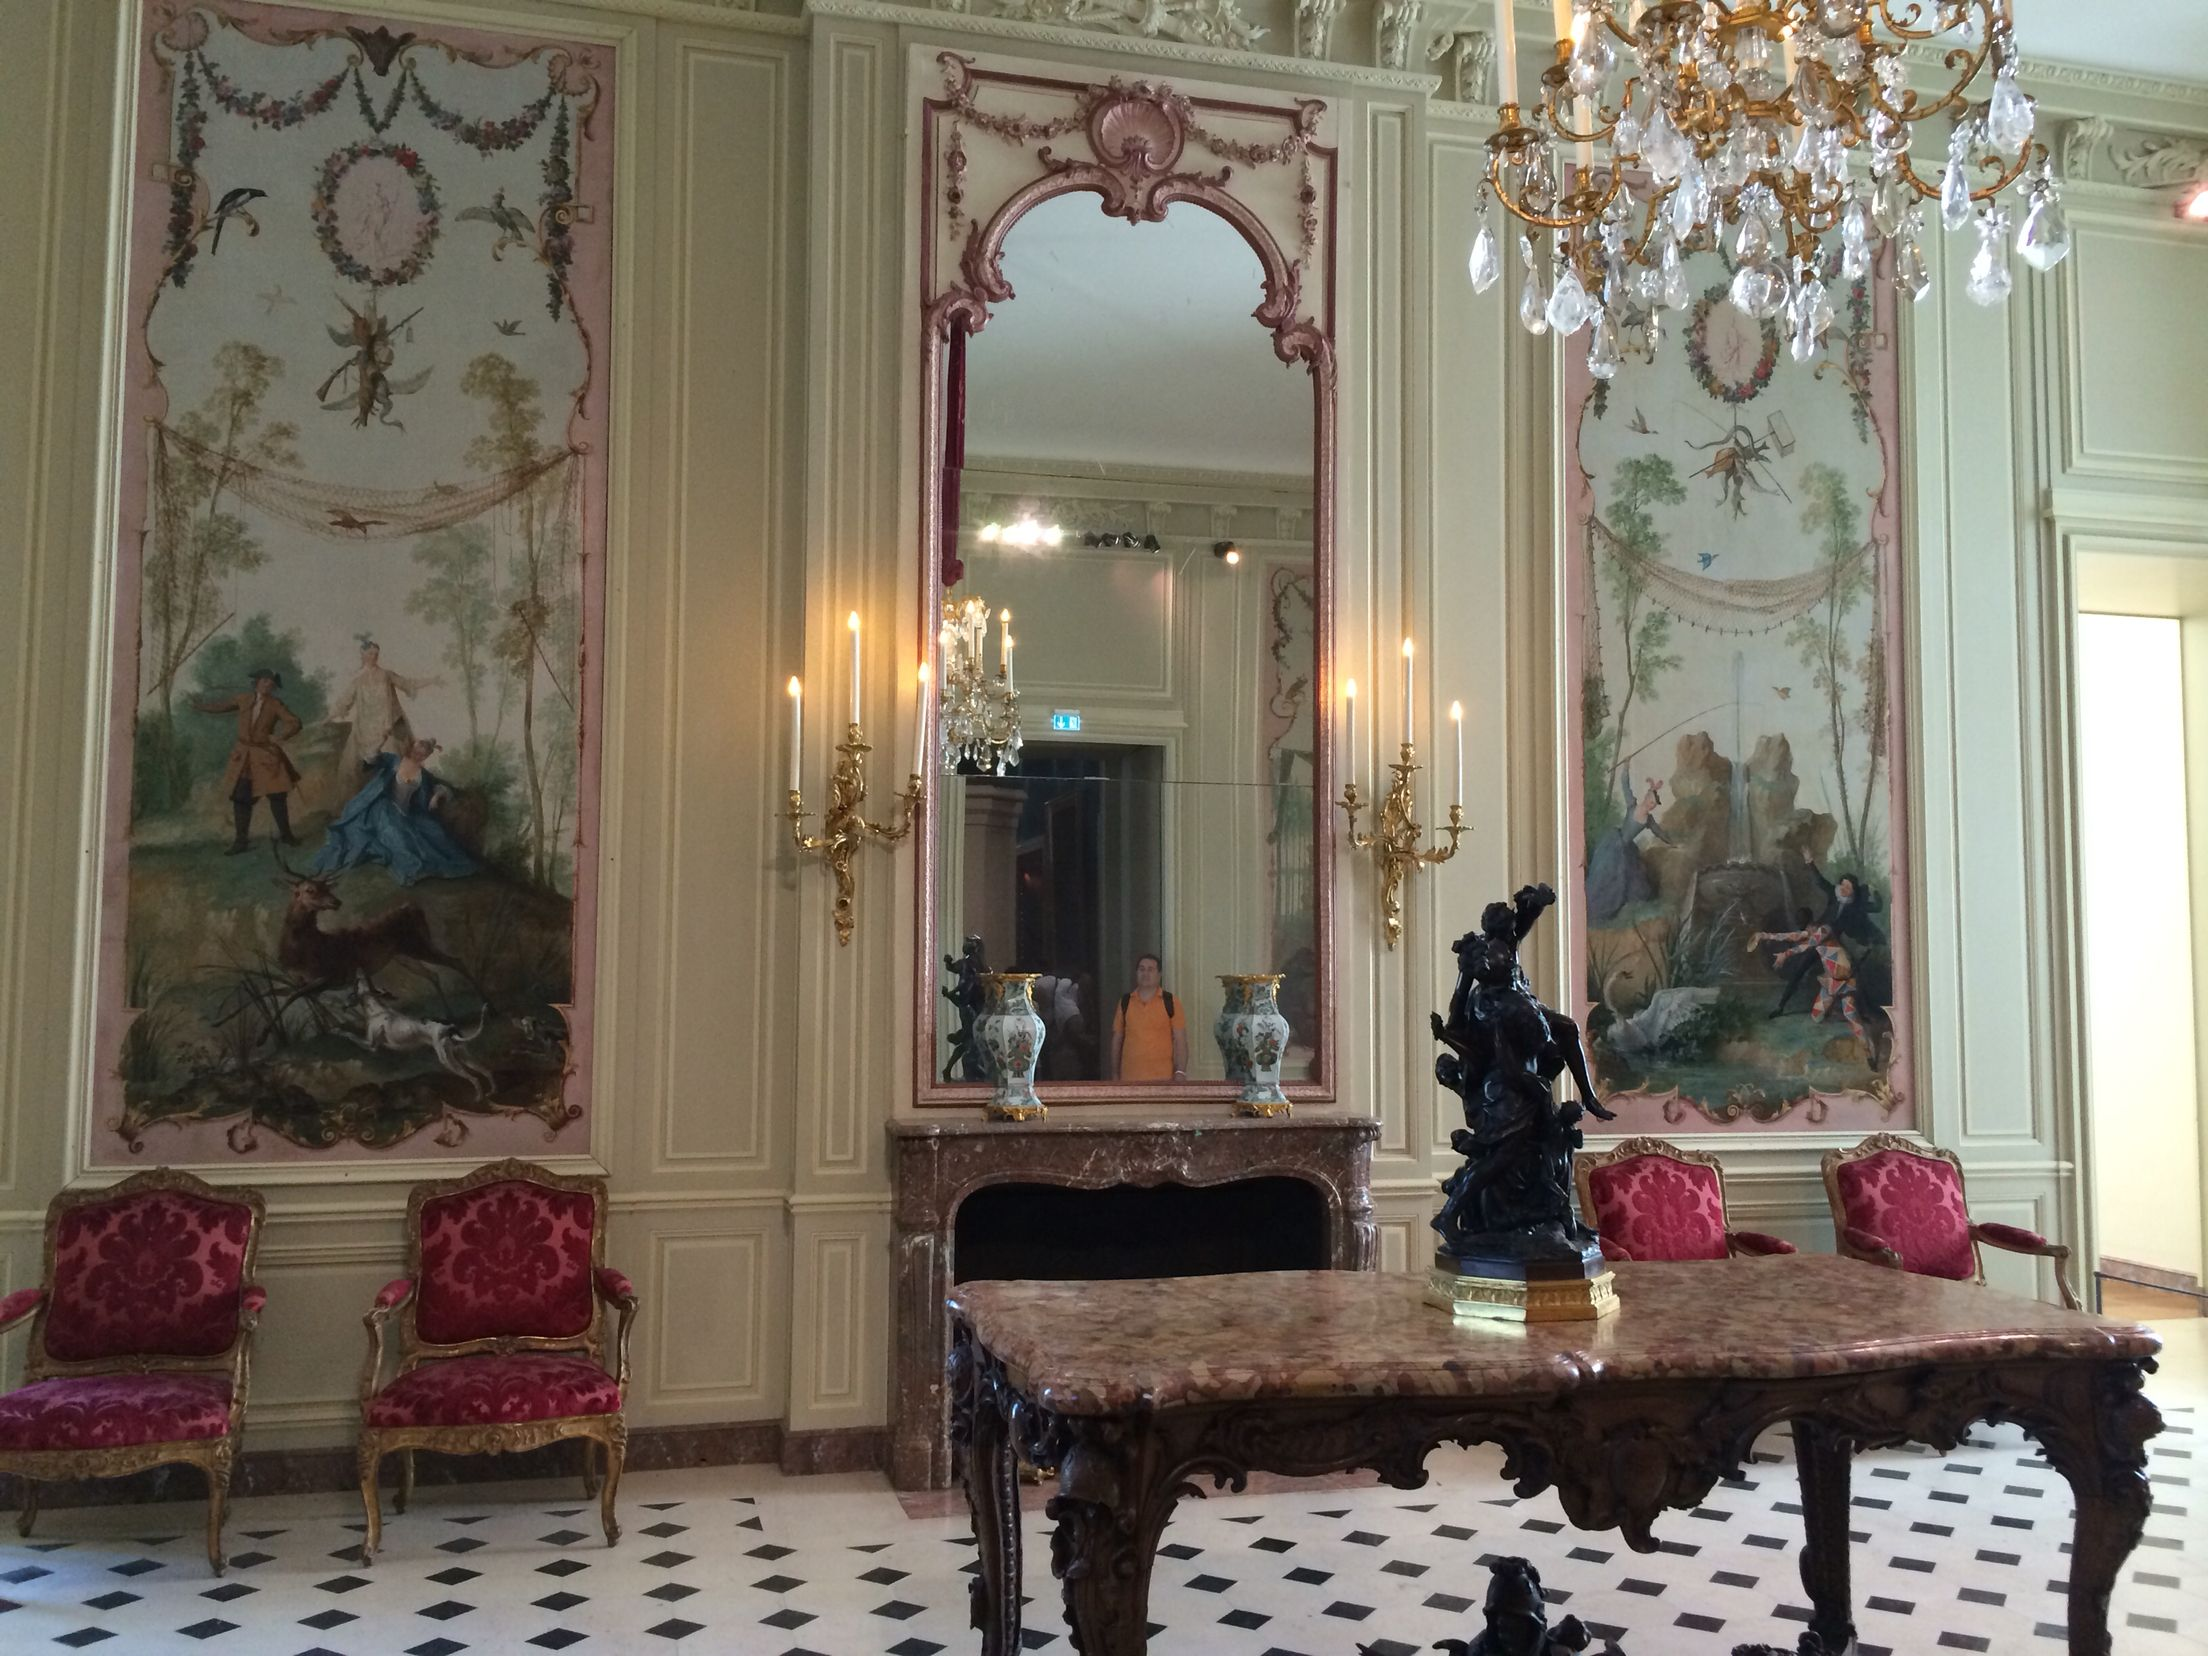 Salon louis xv louvre sully pinterest louvre - Salon louis xv ...